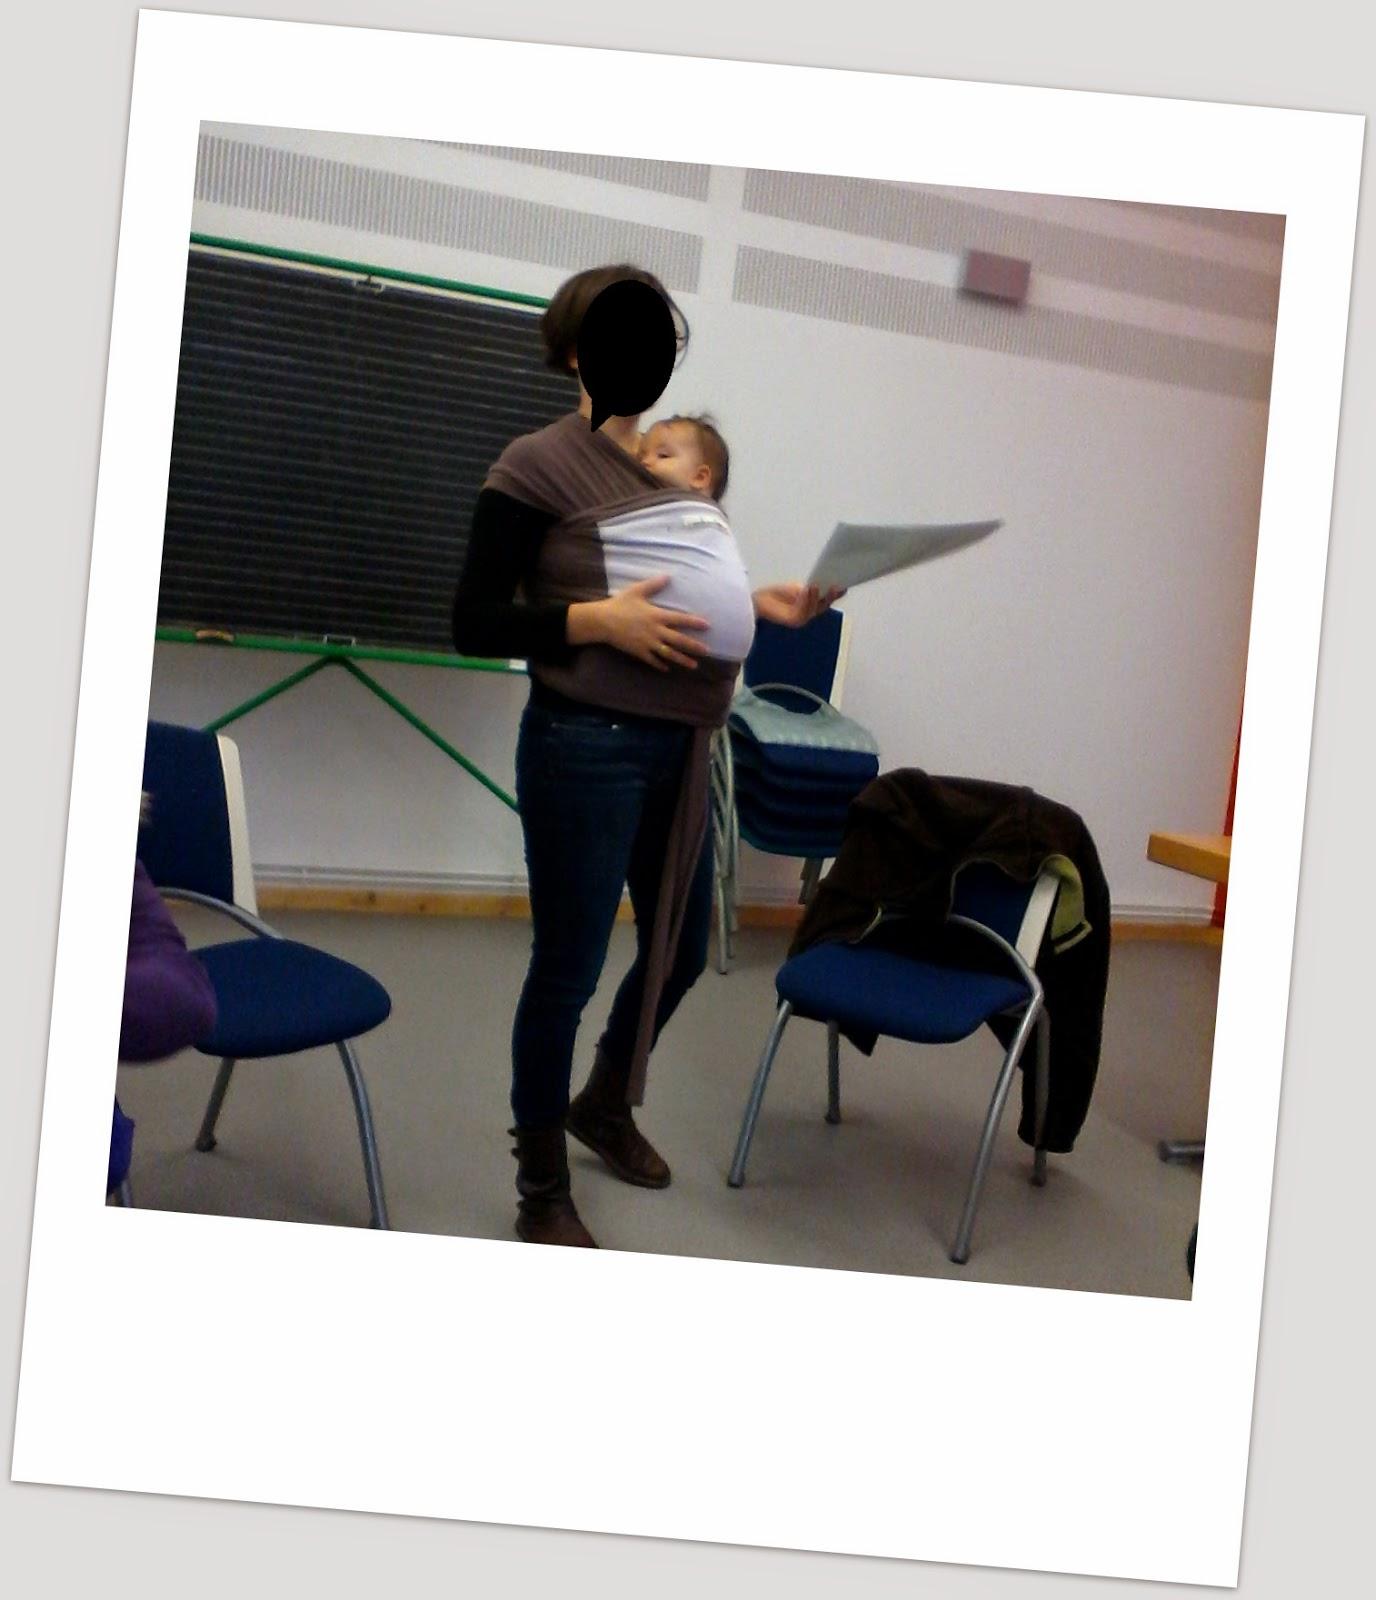 LLL leche league réunion allaitement entraide soutien bénévole maternage allaiter portage